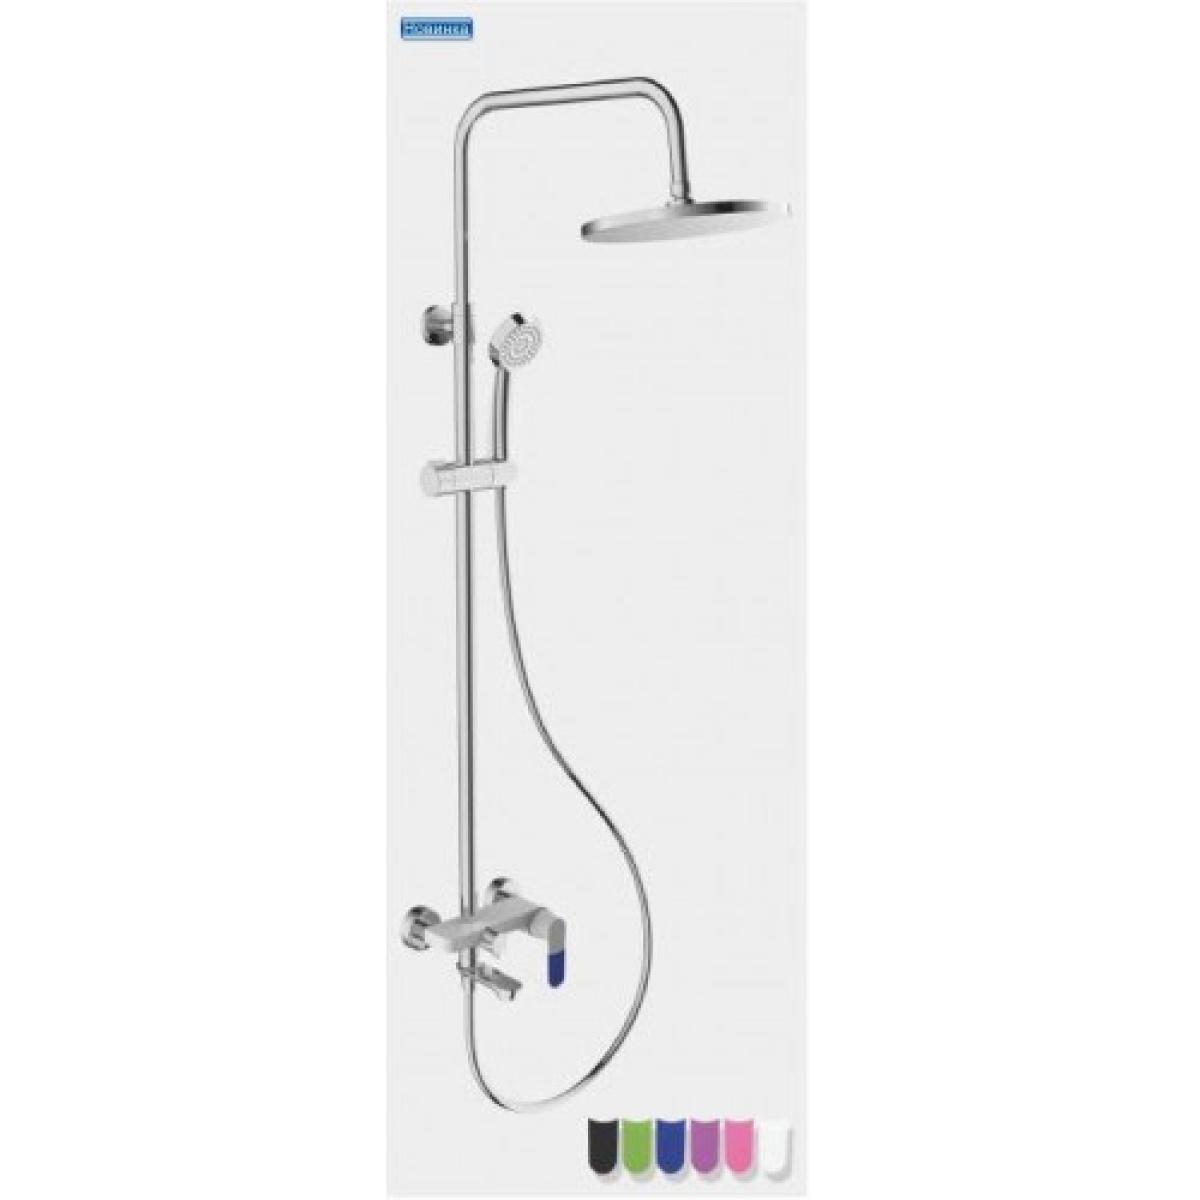 Душевая система излив является переключателем на лейку белый/хром (в комплекте 6 цветных накладок на ручку) frap f2434